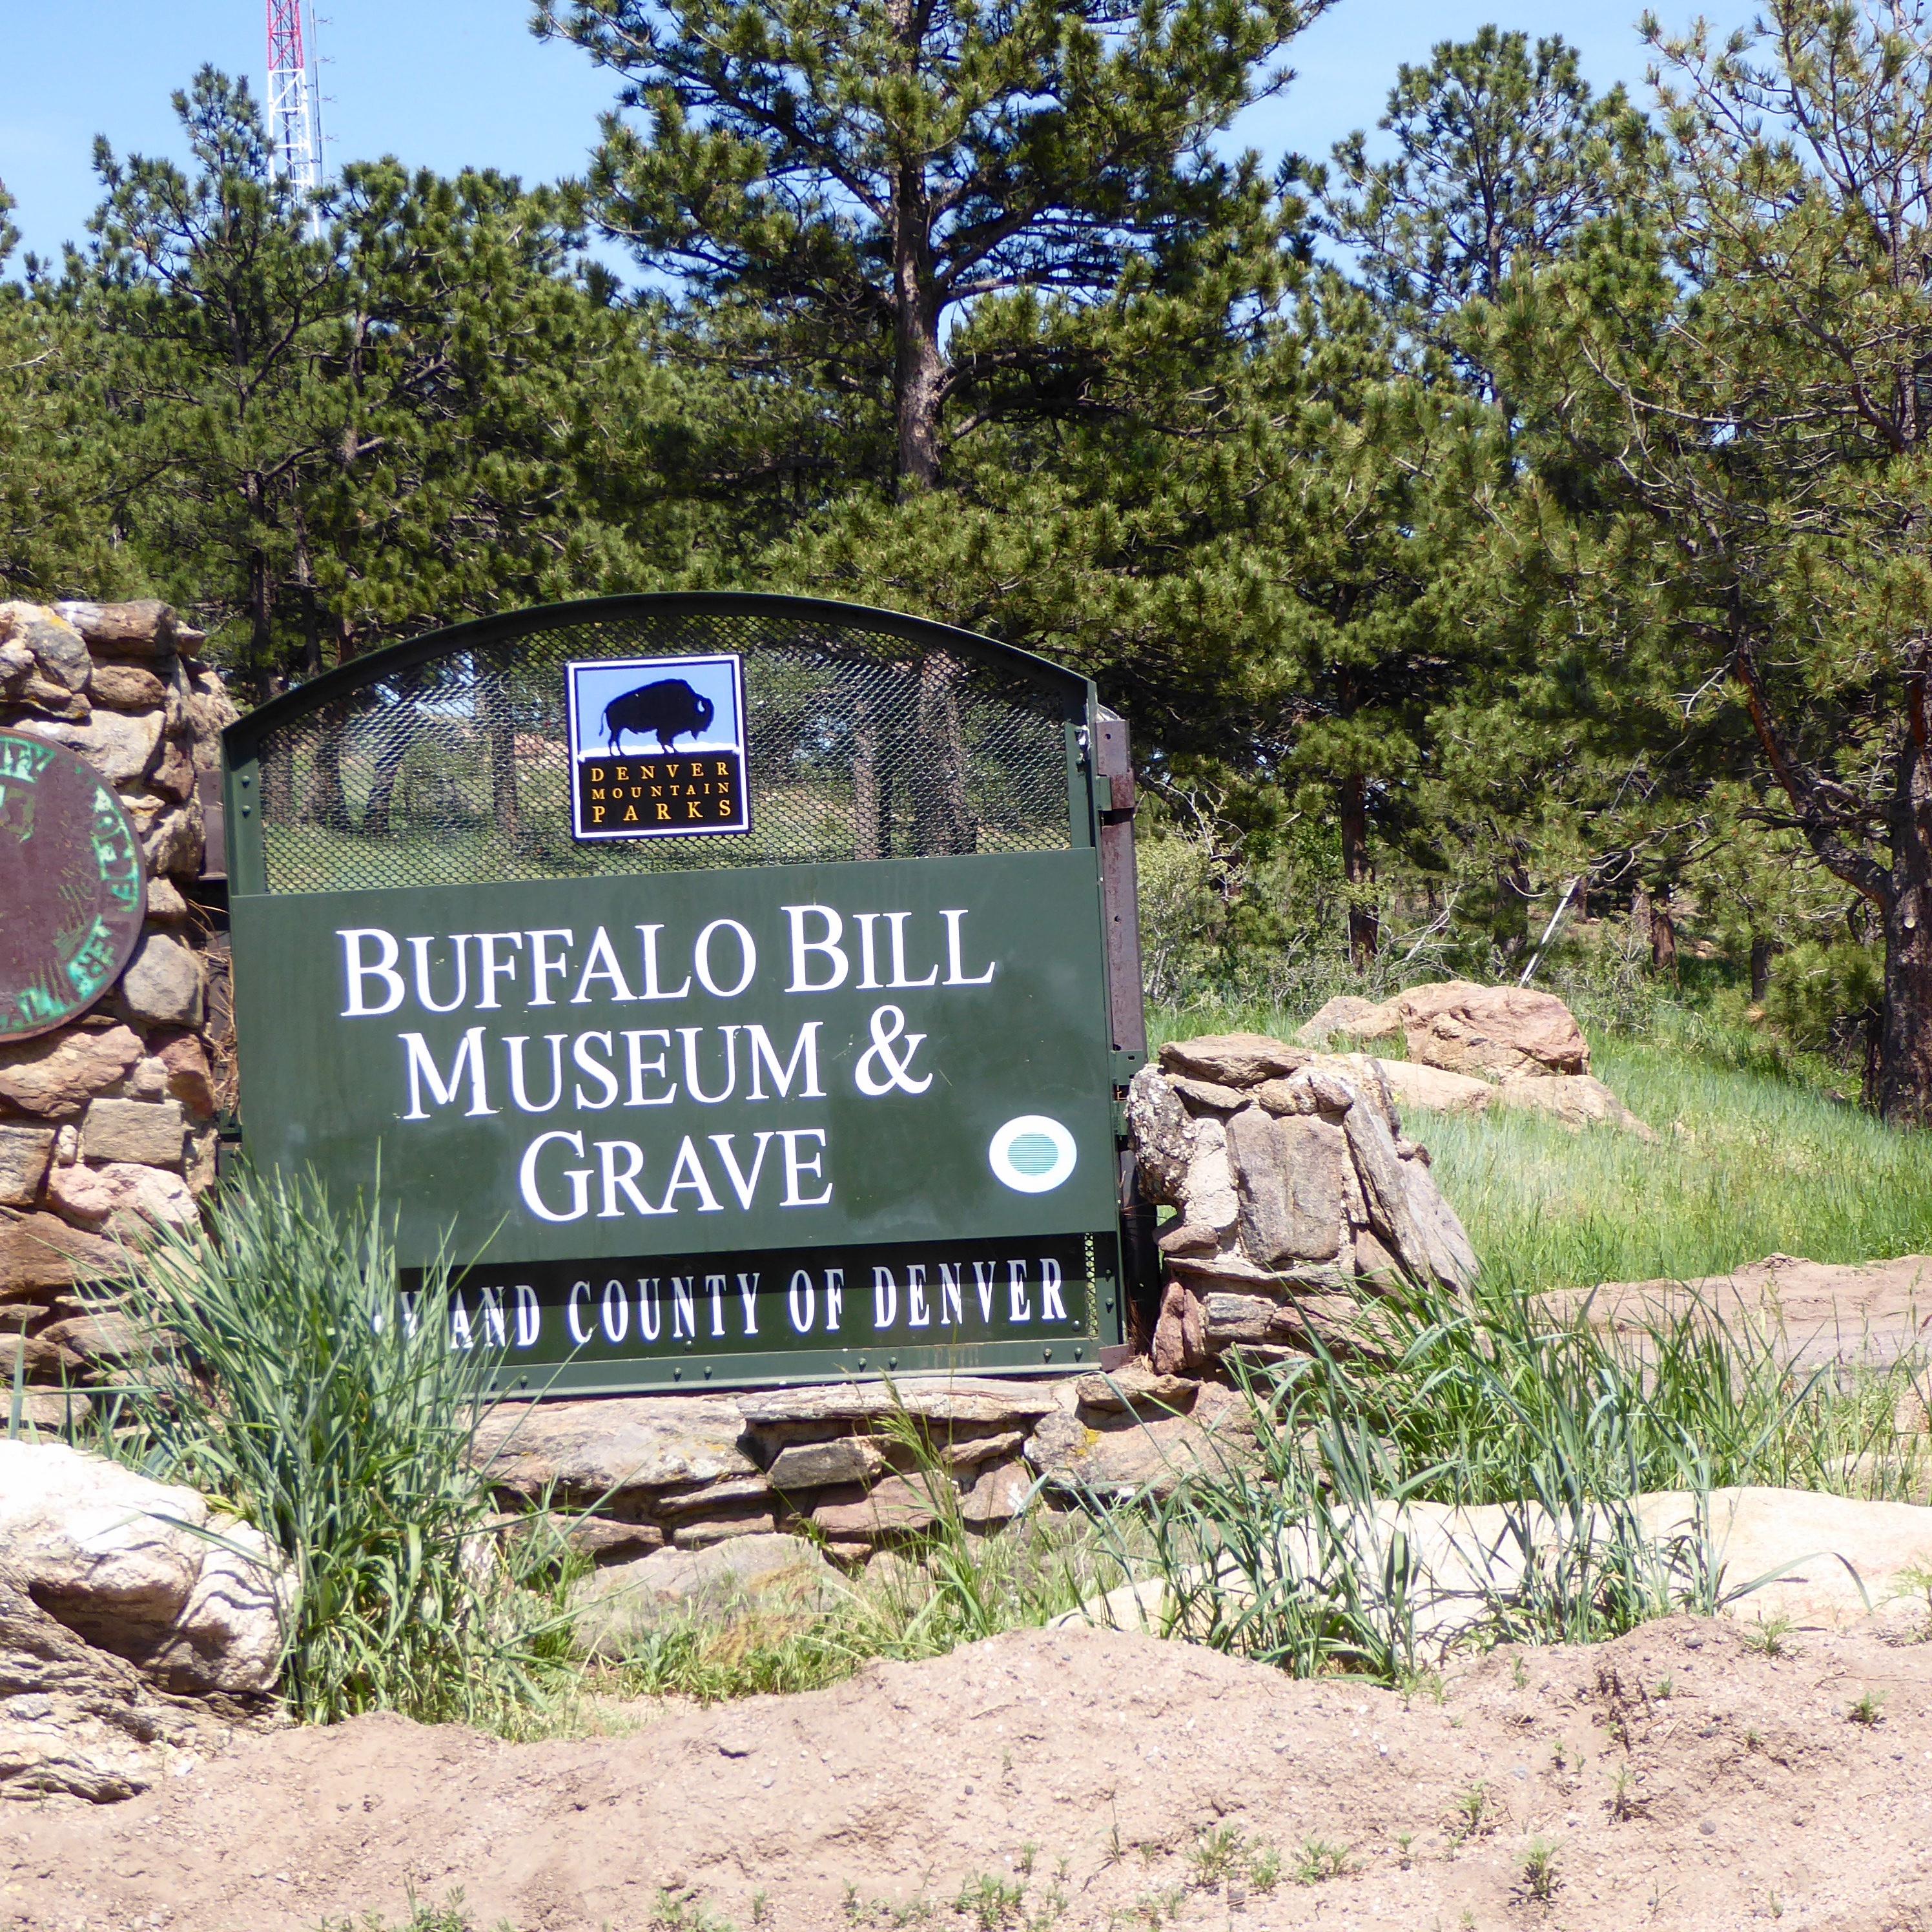 Where is buffalo bill buried - answers.com